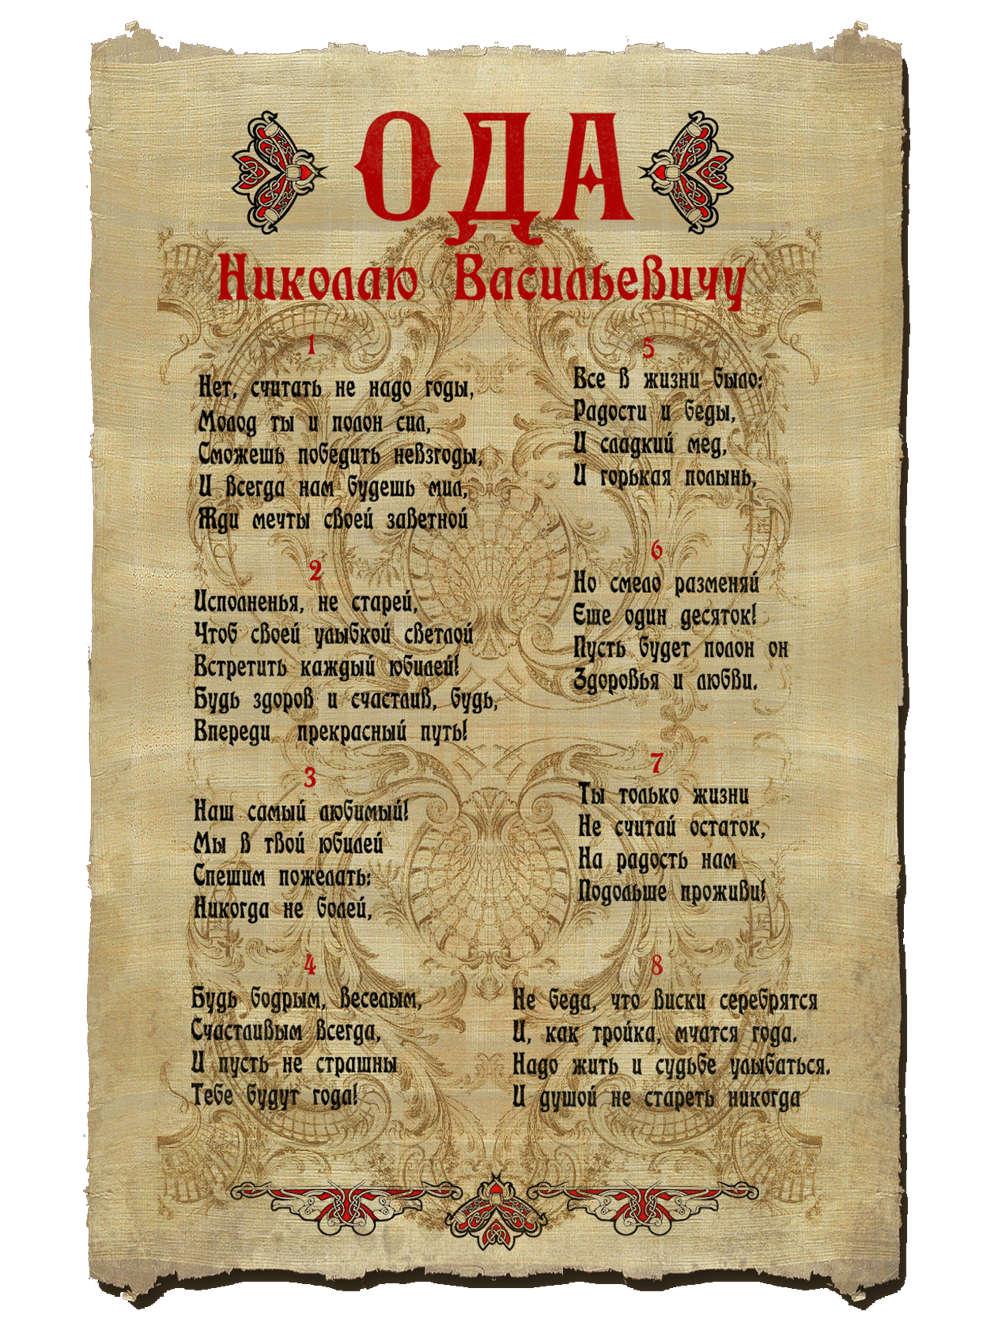 Поздравления со свадьбой на старорусском